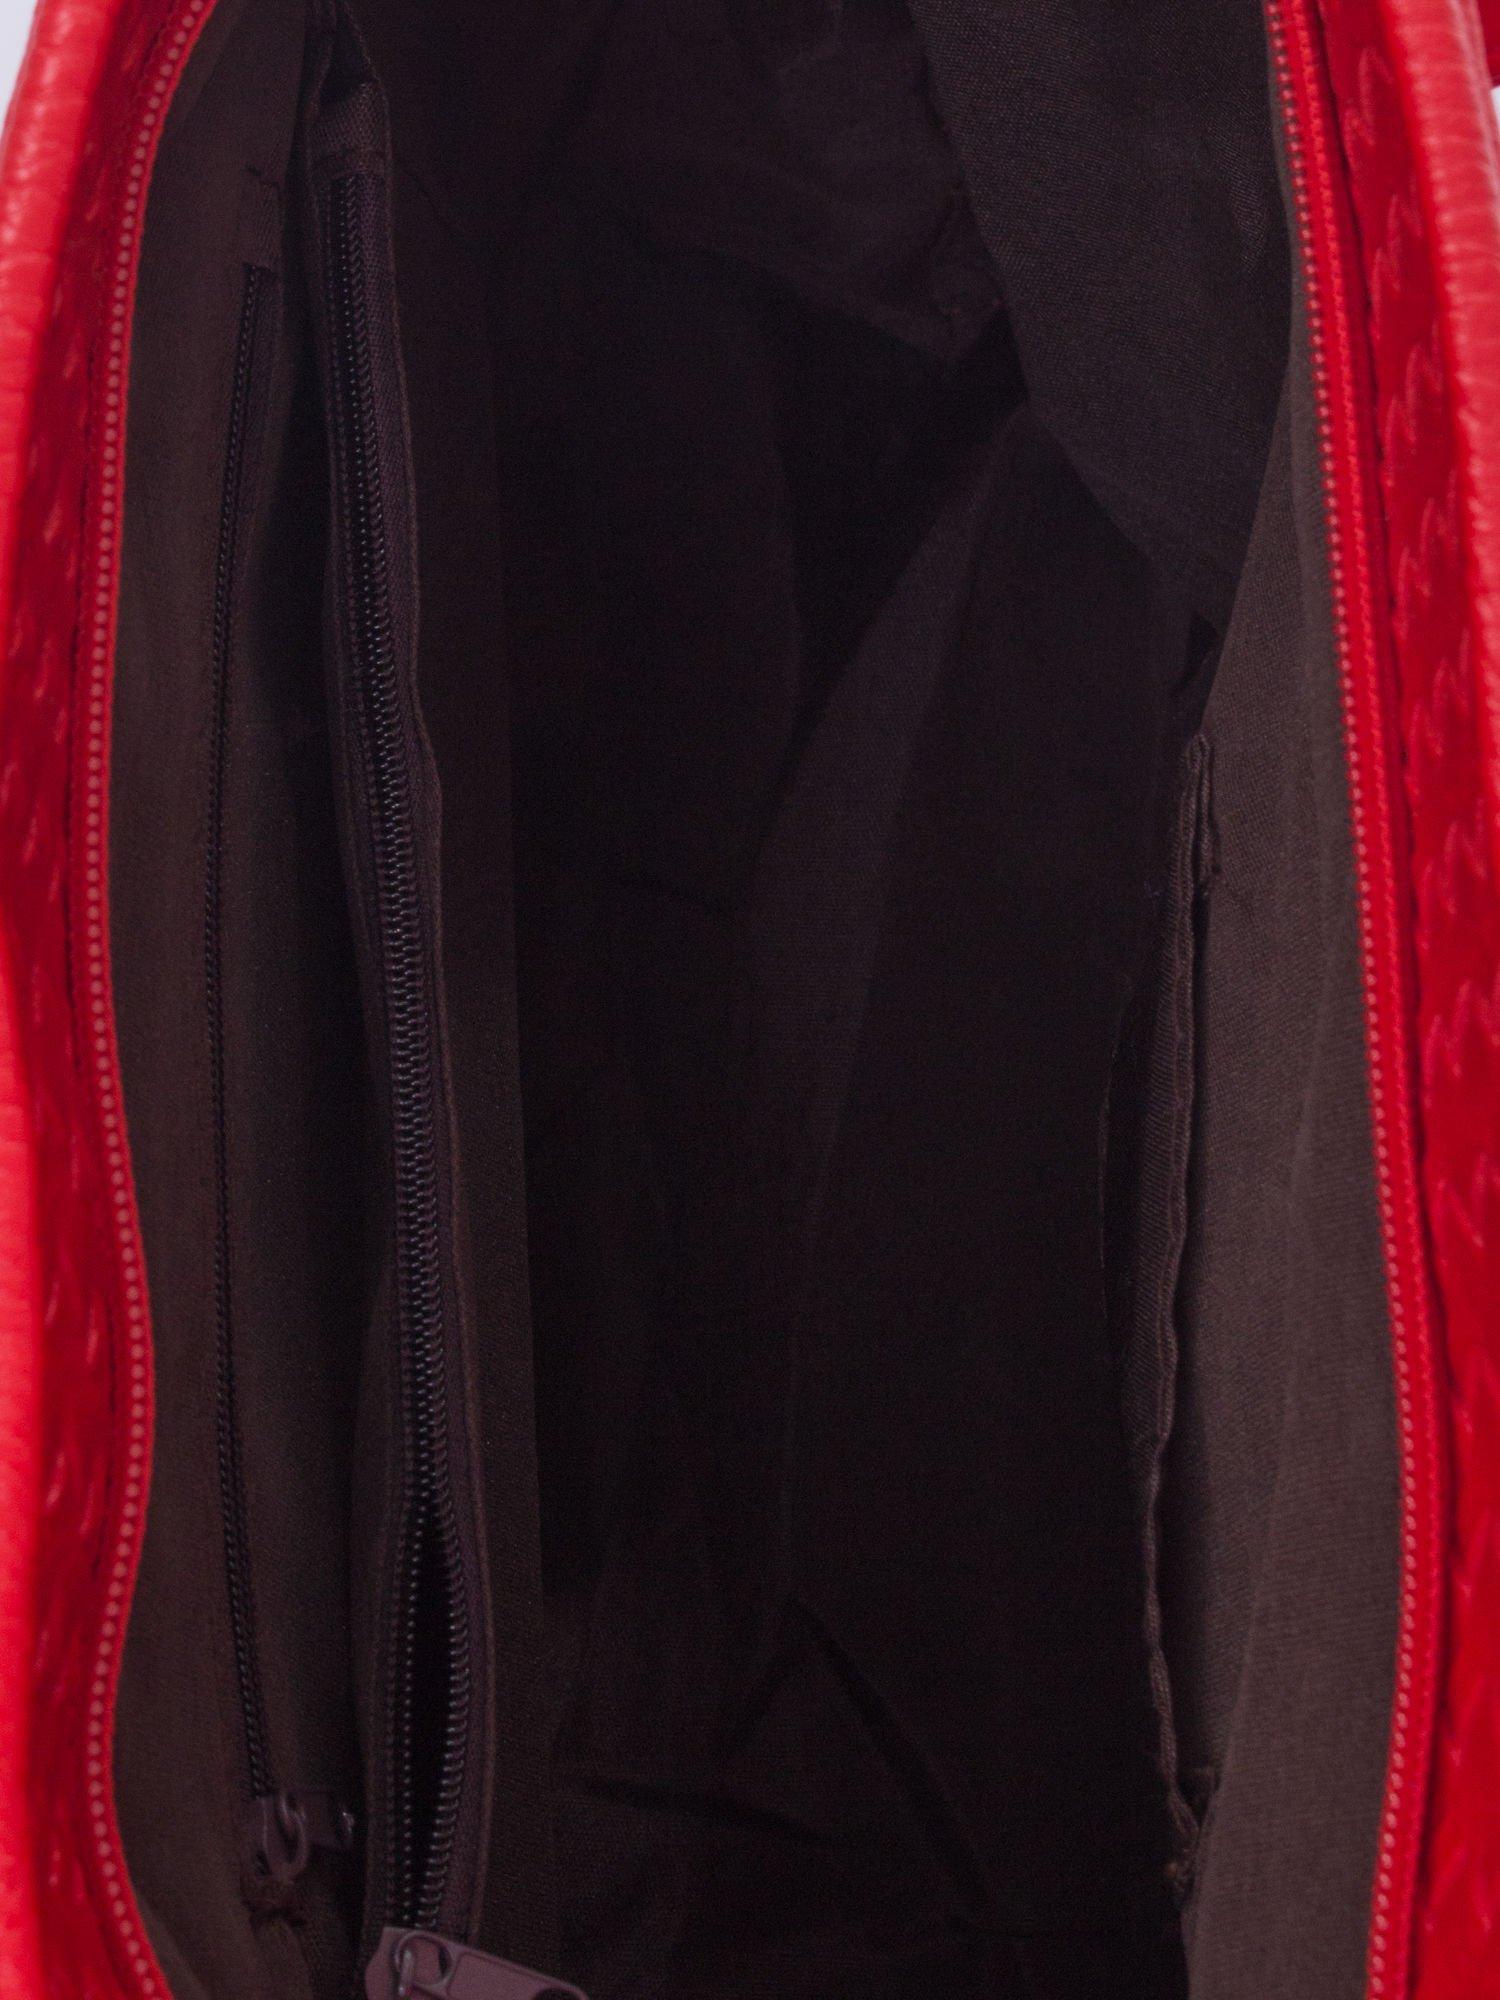 Czerwona pleciona torba shopper bag ze złotym detalem                                  zdj.                                  5